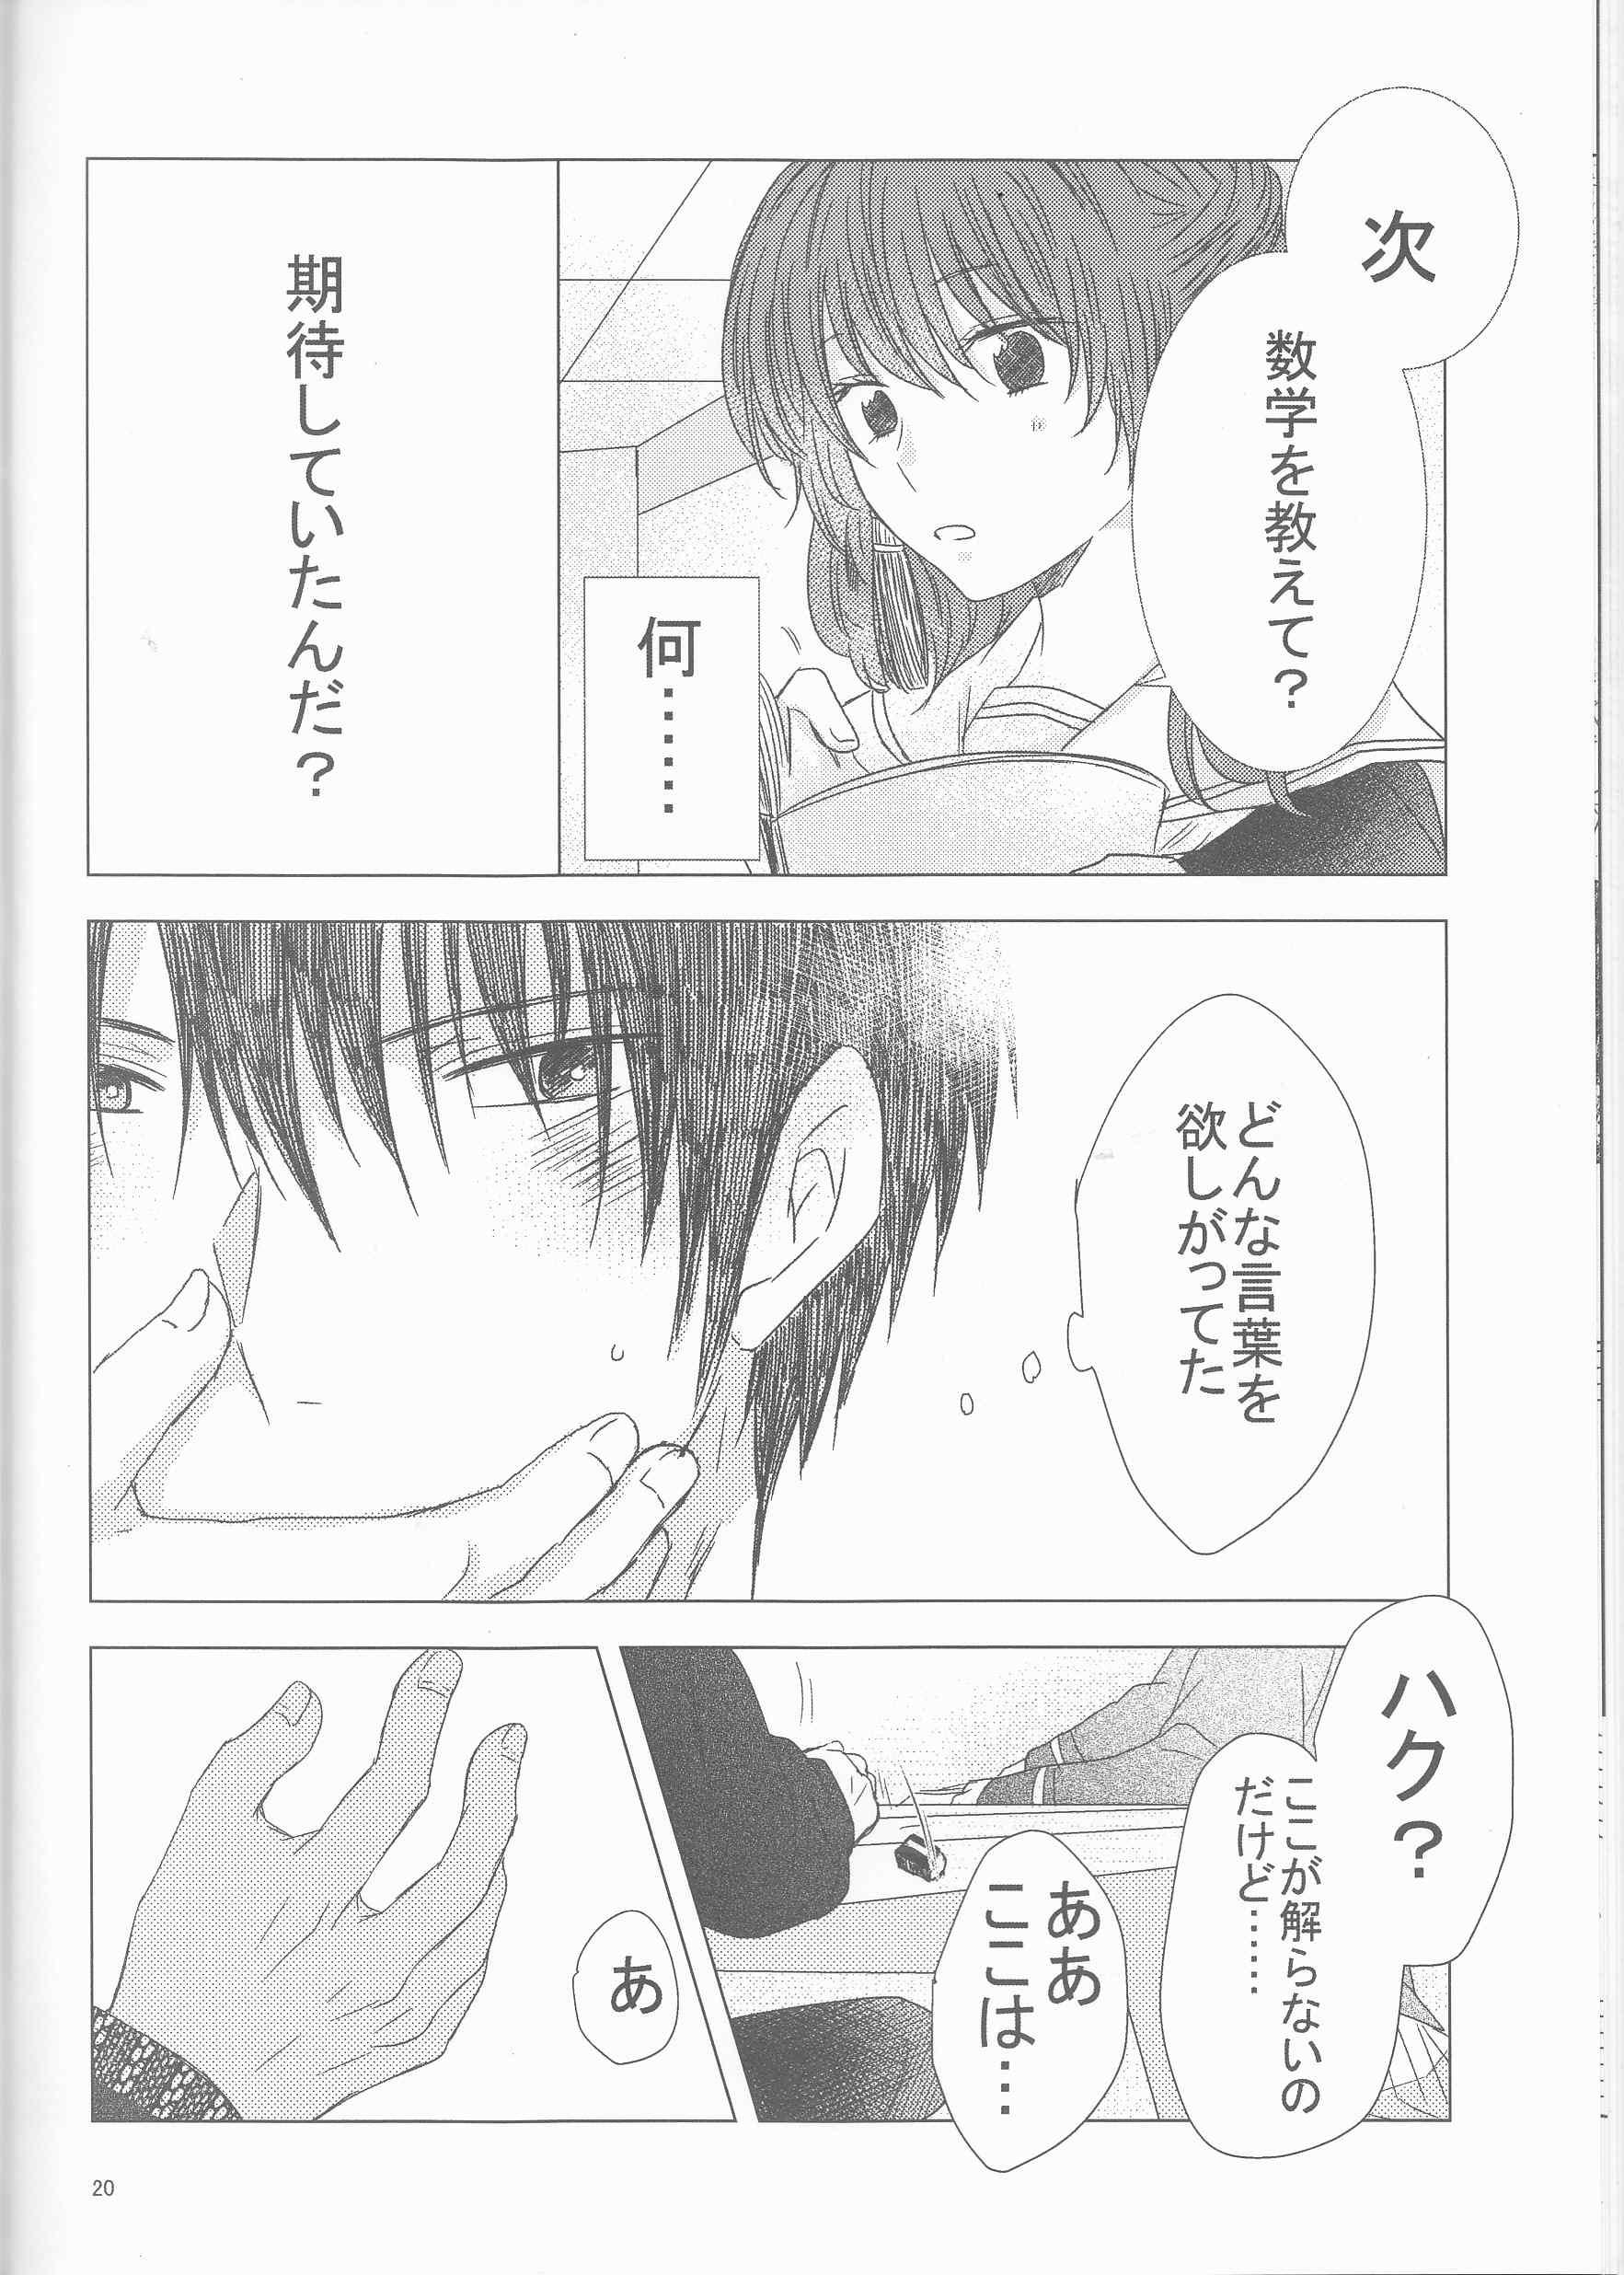 教えて STUDY (暁のヨナ) (20)